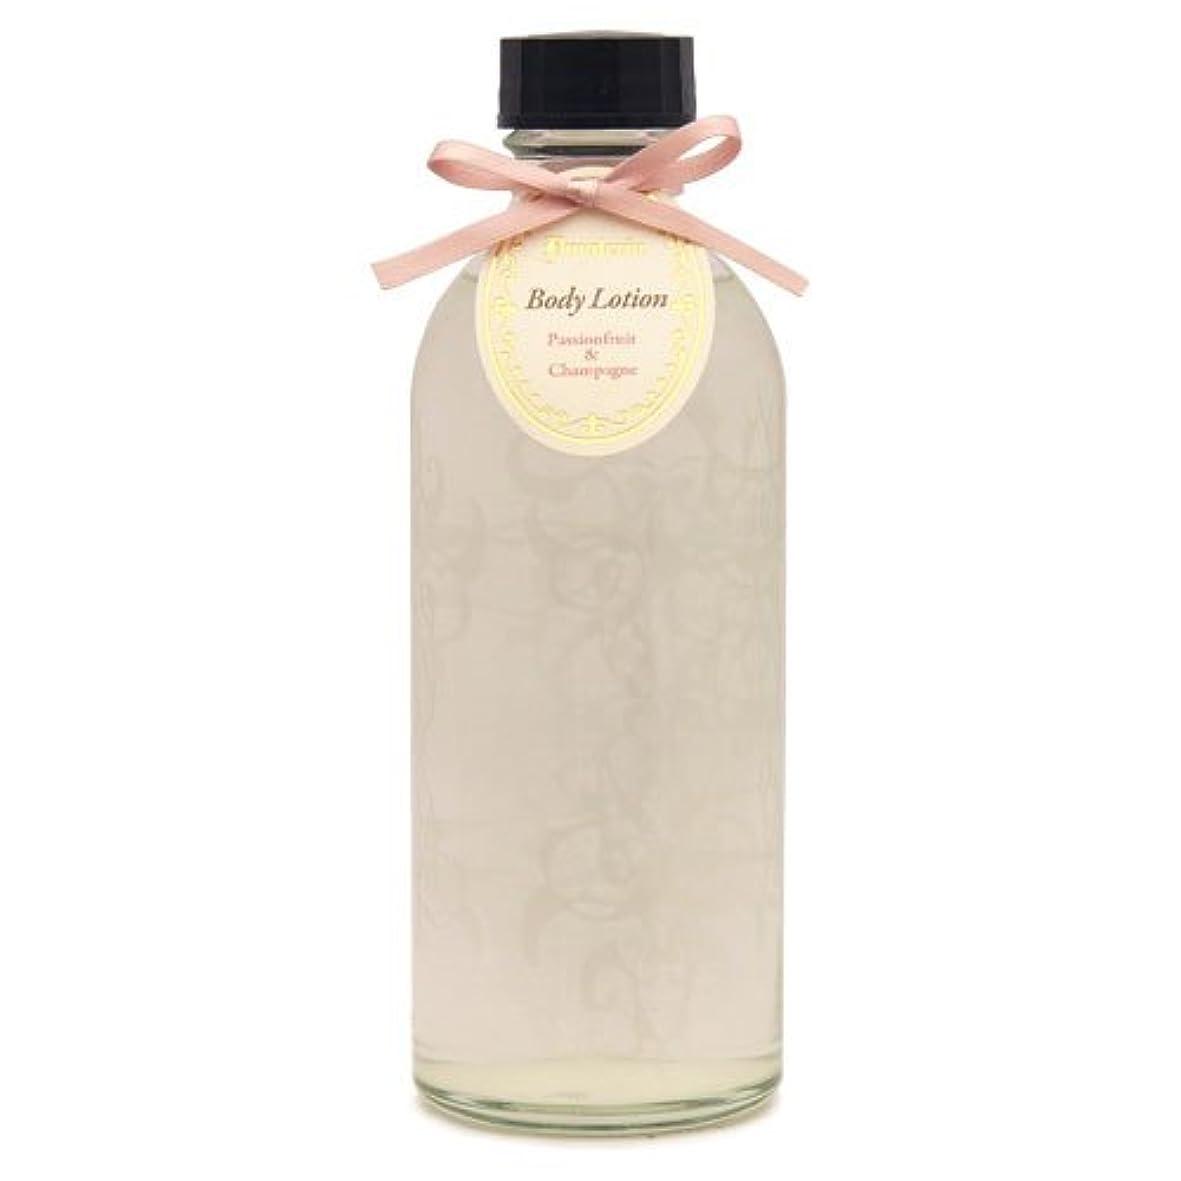 欠伸ウィスキー地元D materia ボディローション パッションフルーツ&シャンパン Passionfruit&Champagne Body Lotion ディーマテリア